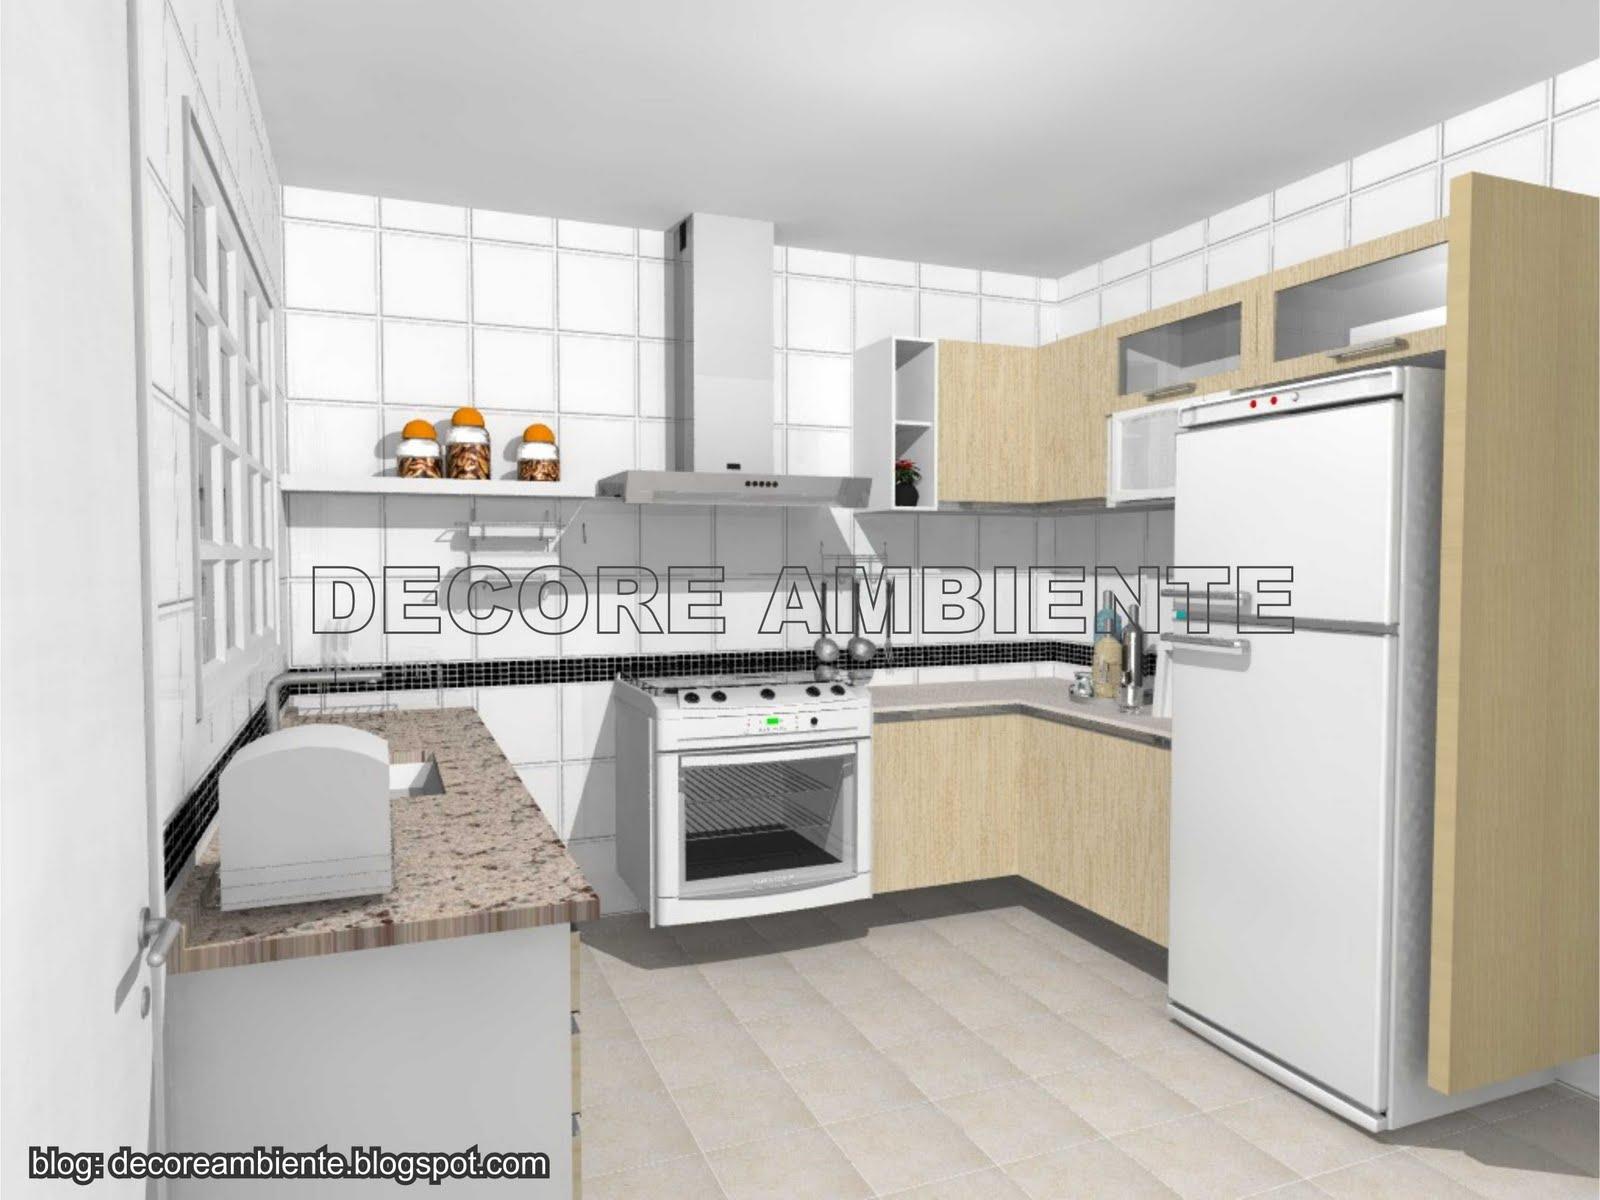 Cozinha padrão com 12m2 10/04/2011 #B56B16 1600 1200